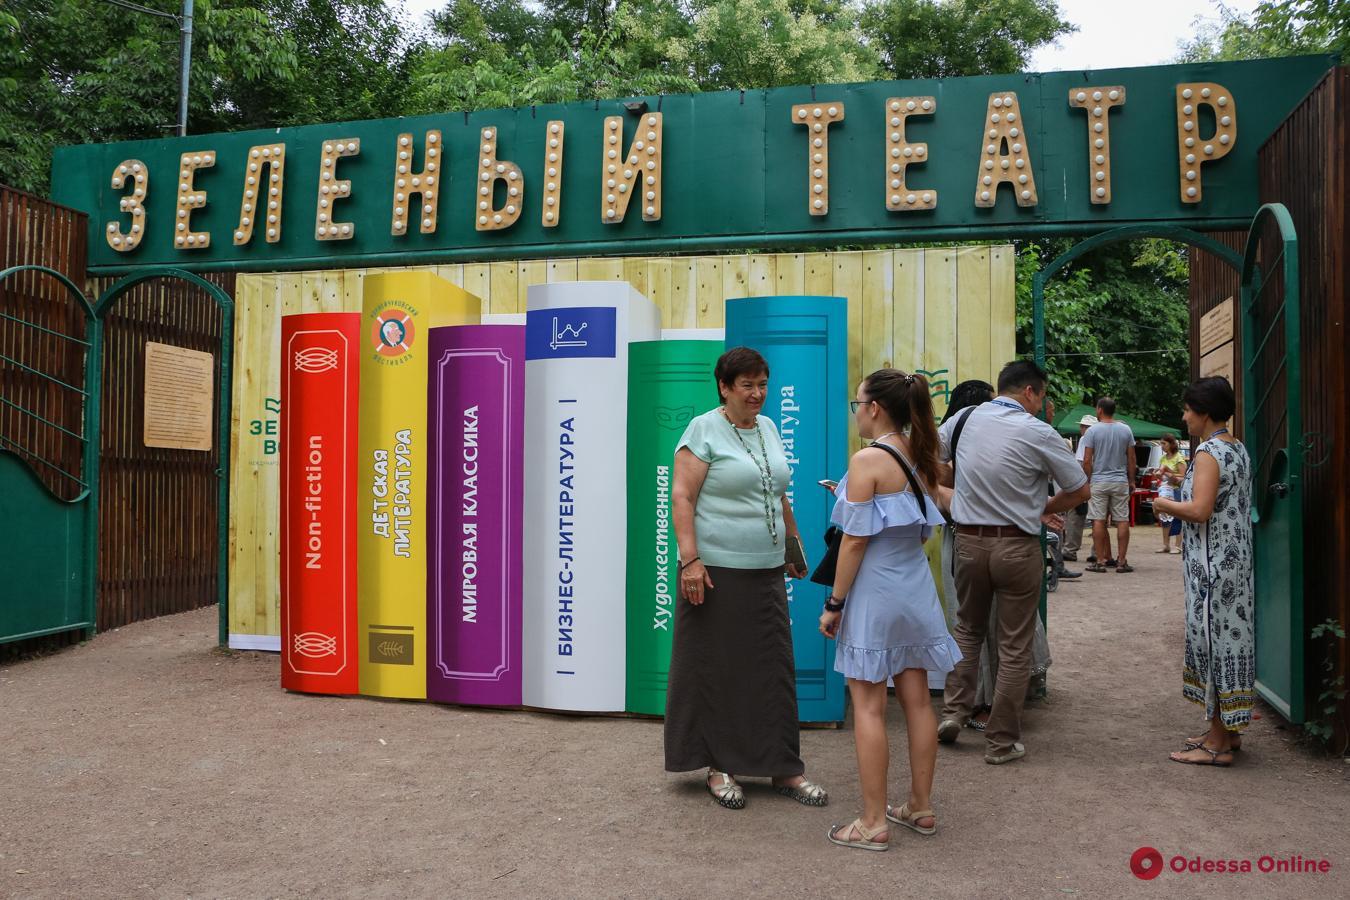 В Одессе стартовала книжная ярмарка «Зеленая волна» (фоторепортаж)